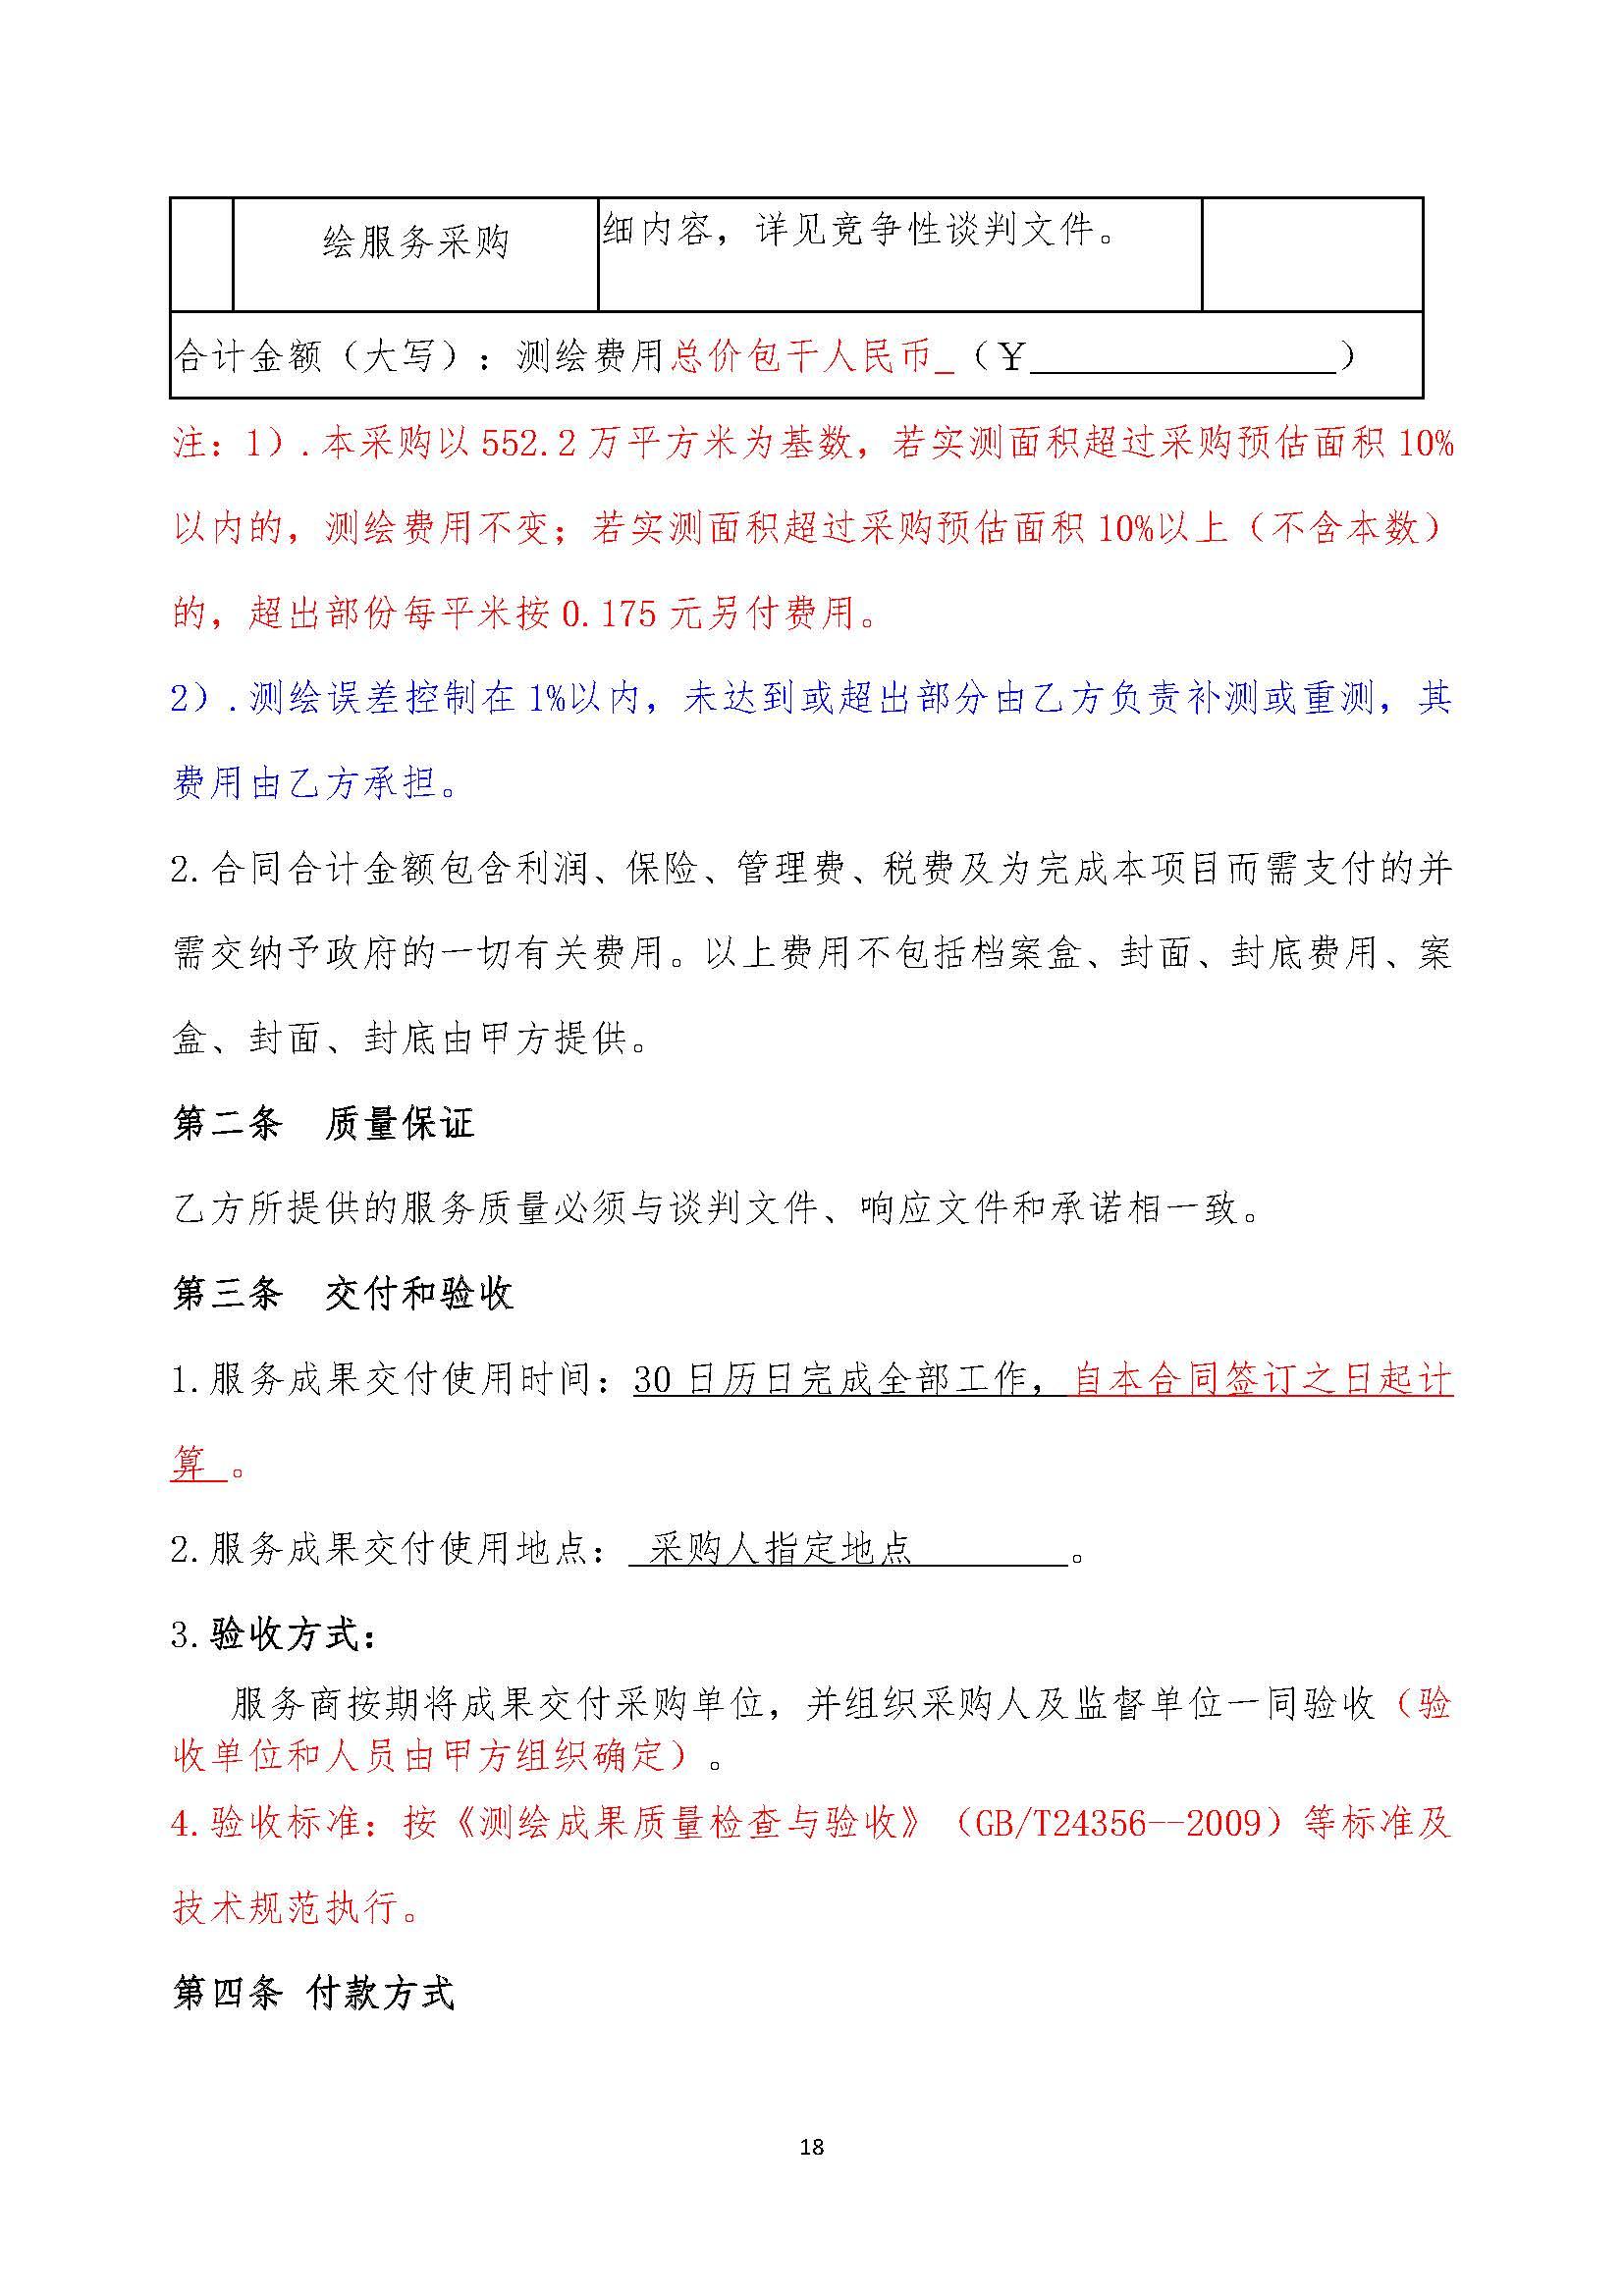 (确定)安徽快三基本走势图市政环卫园林绿化企业一体化面积测绘服务采购 竞争性谈判采购文件20200610(2)_页面_22.jpg